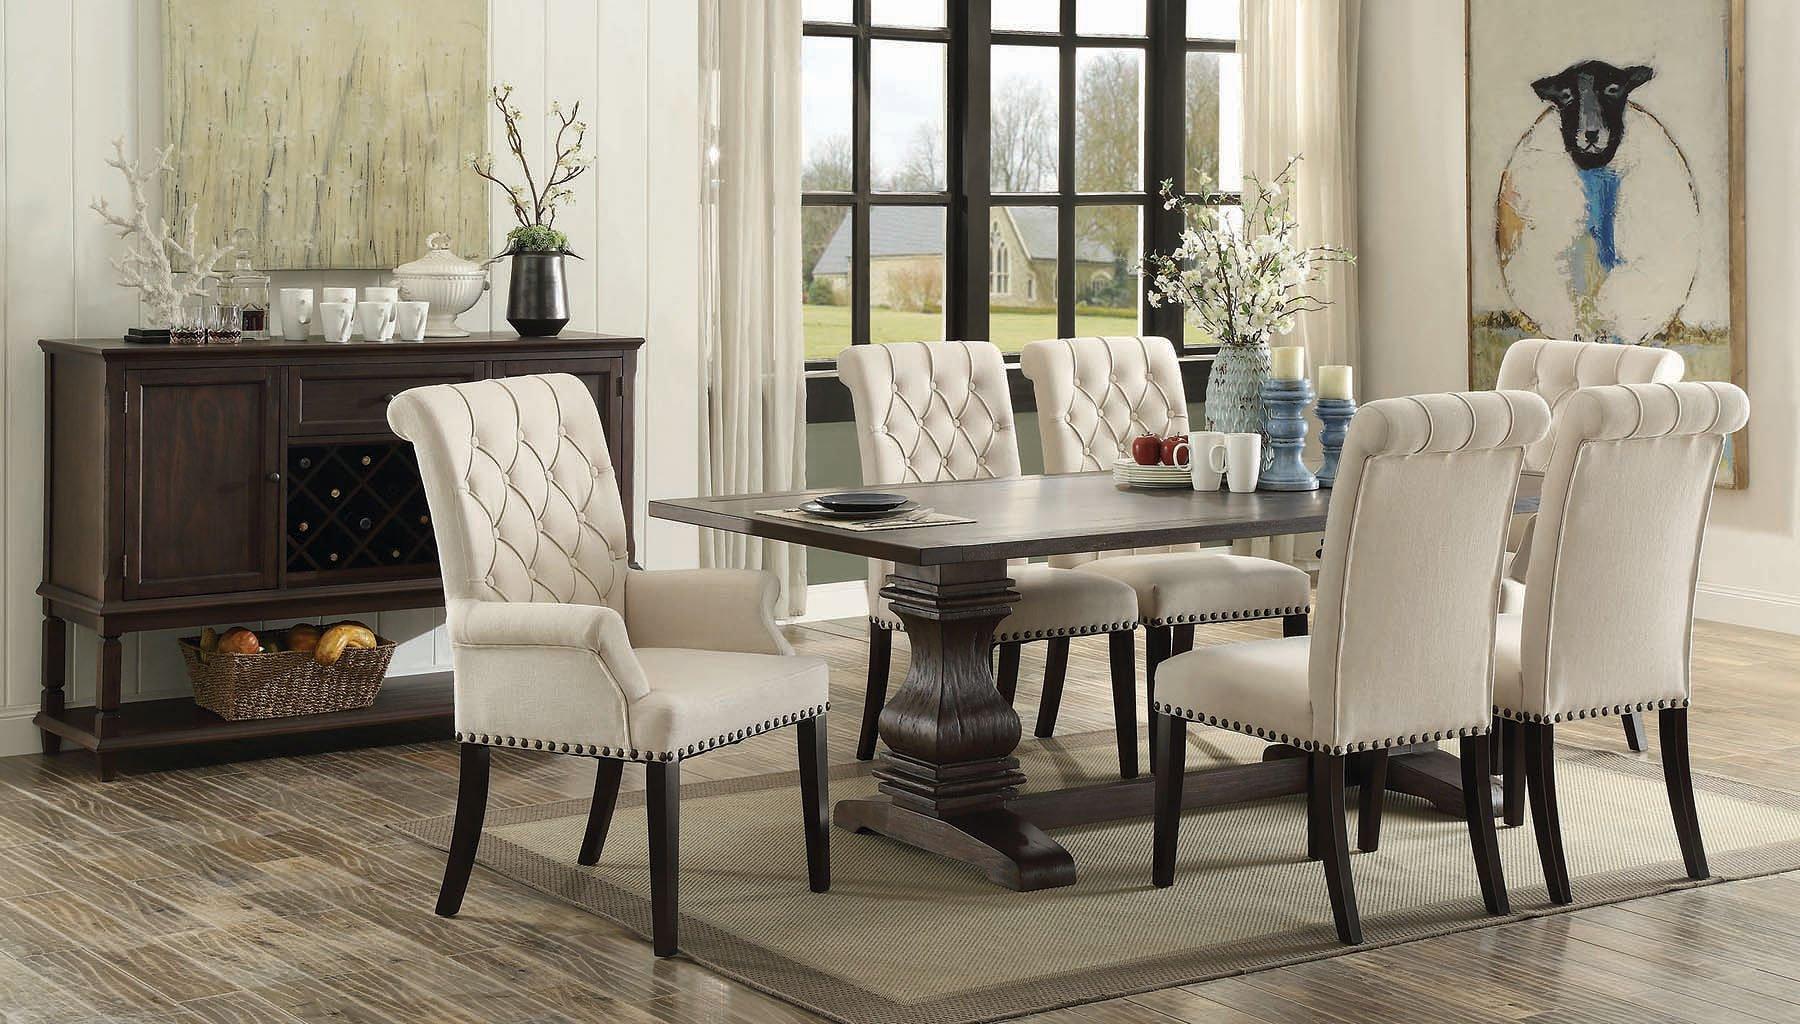 Parkins dining room set formal dining sets dining room for Coaster furniture of america